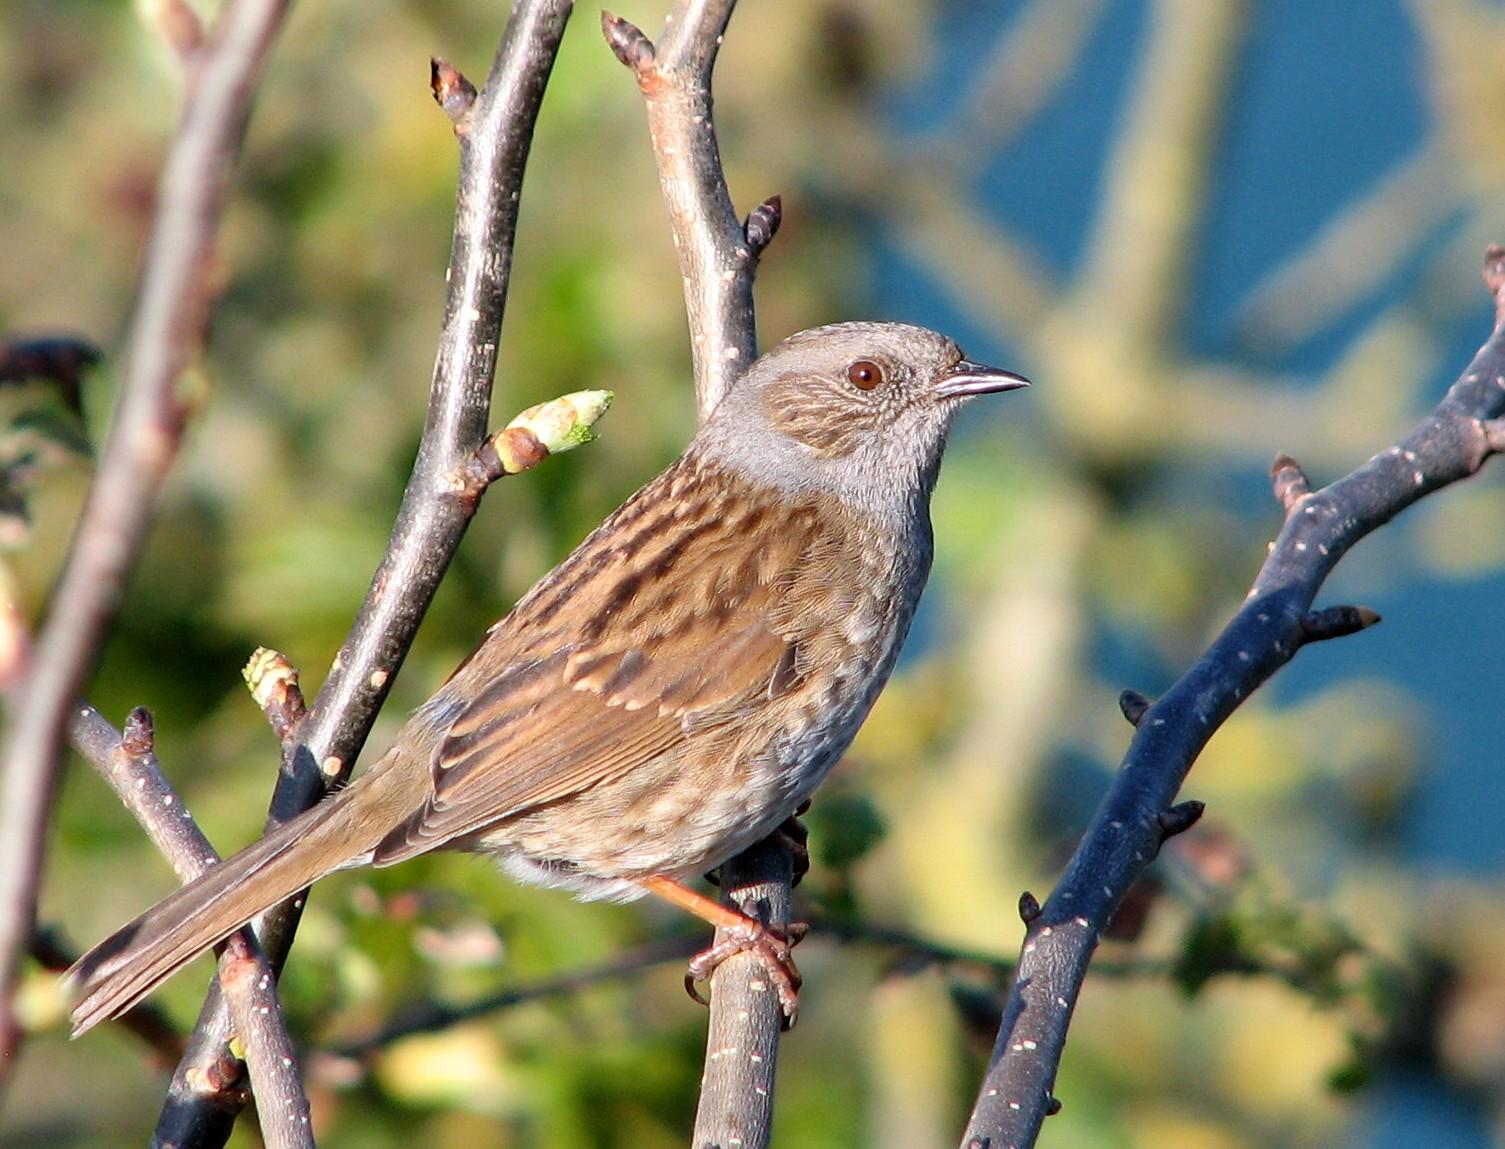 Дрозды - это большое семейство певчих птиц, которых вы можете найти во многих уголках земного шара.